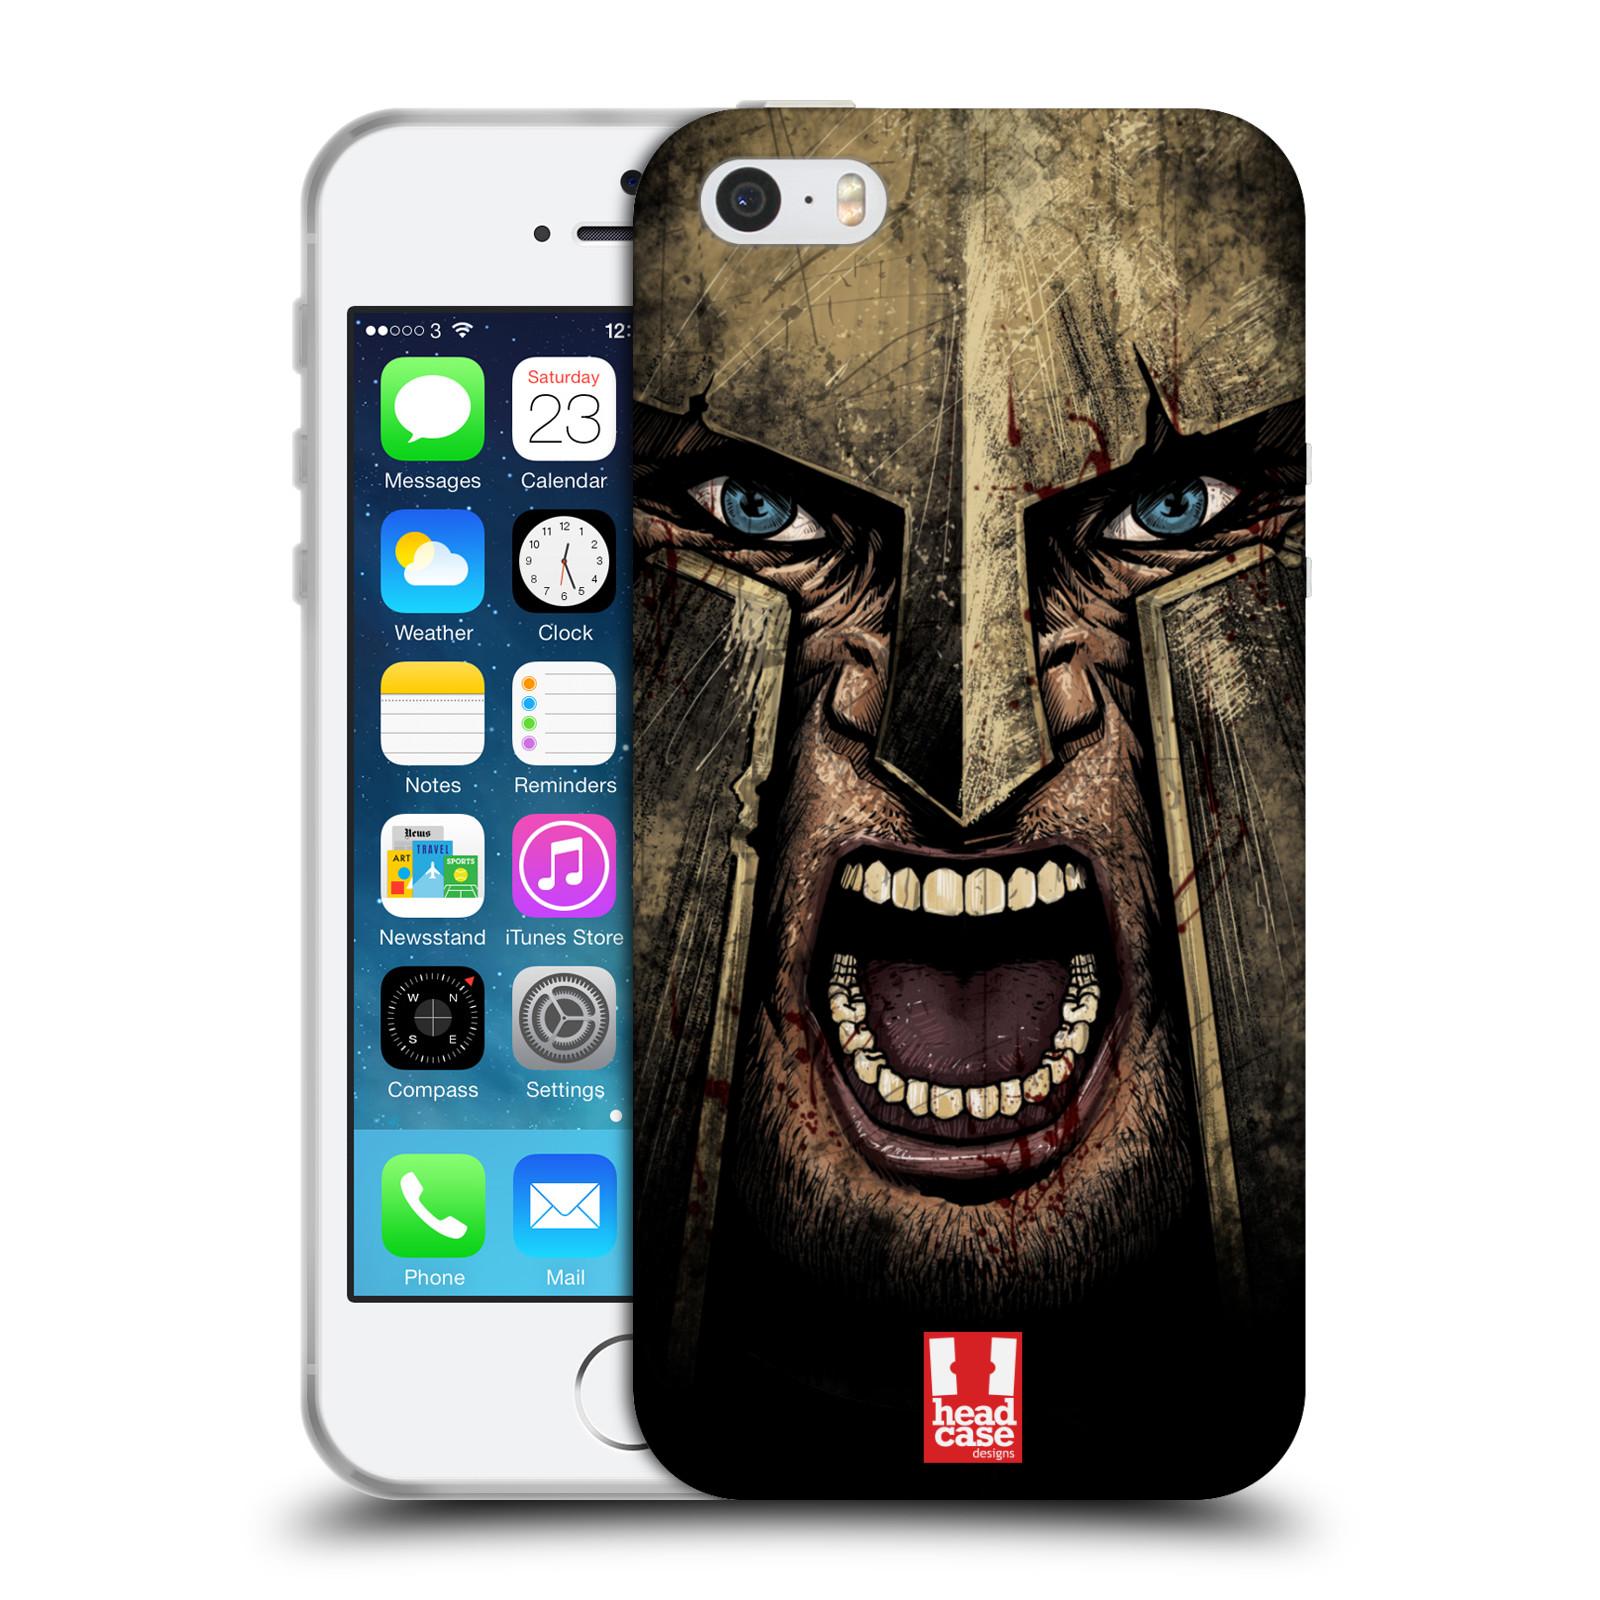 Silikonové pouzdro na mobil Apple iPhone 5, 5S, SE - Head Case - Řvoucí válečník